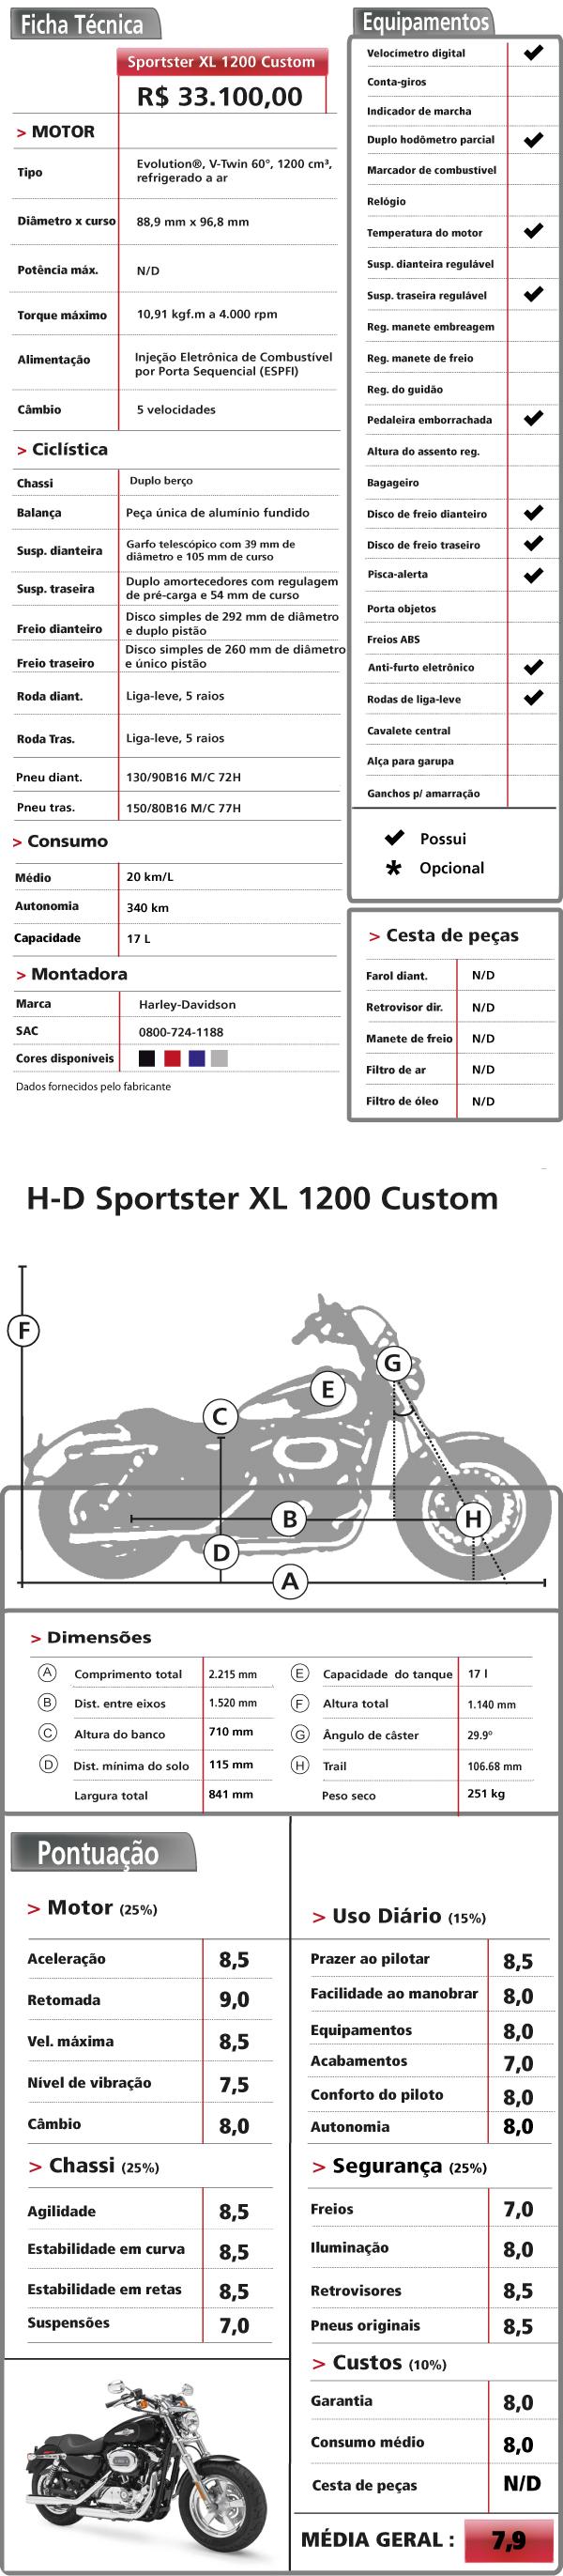 Harley Davidson 1200 Custom Custom 1200: Pequena, baixinha e invocada